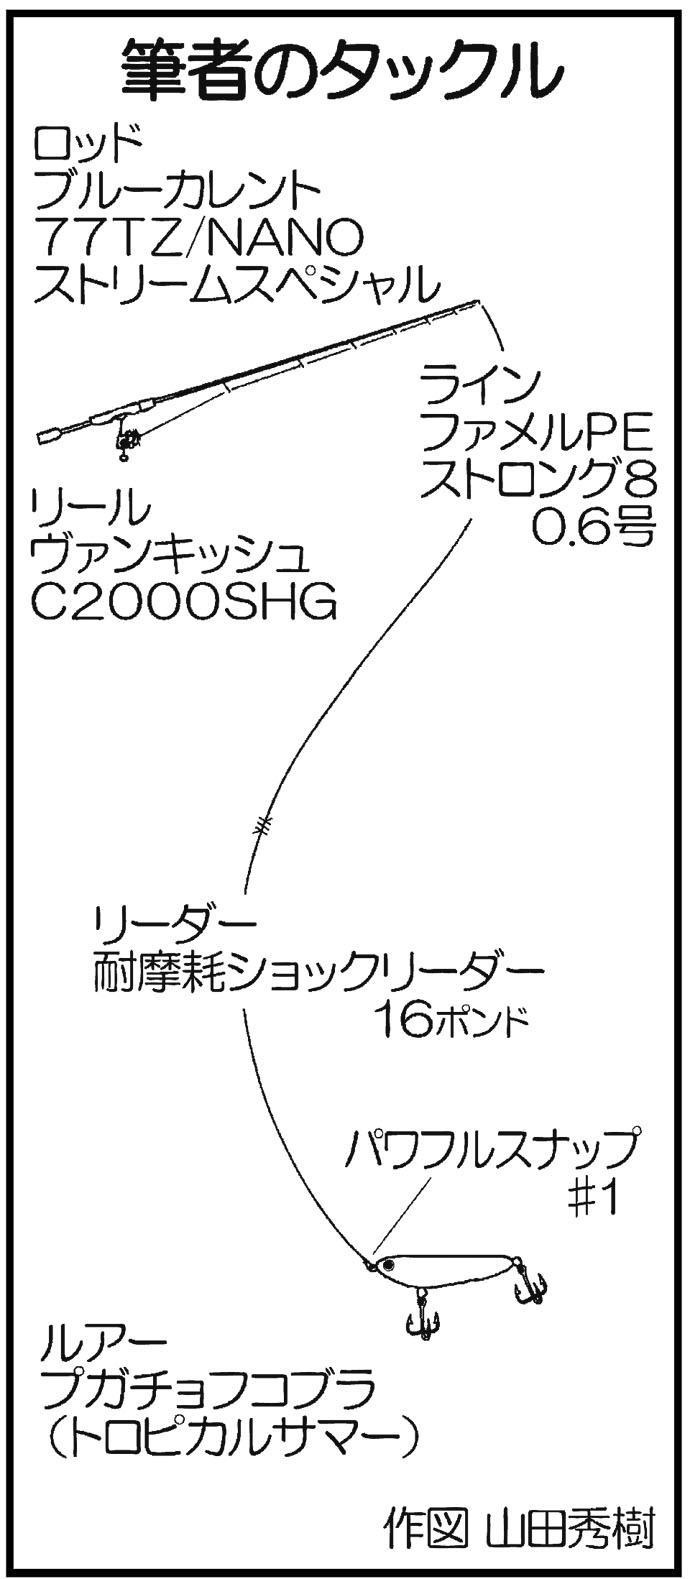 トップチニングゲームで45cm本命 激渋時に激流でヒット【熊本県】